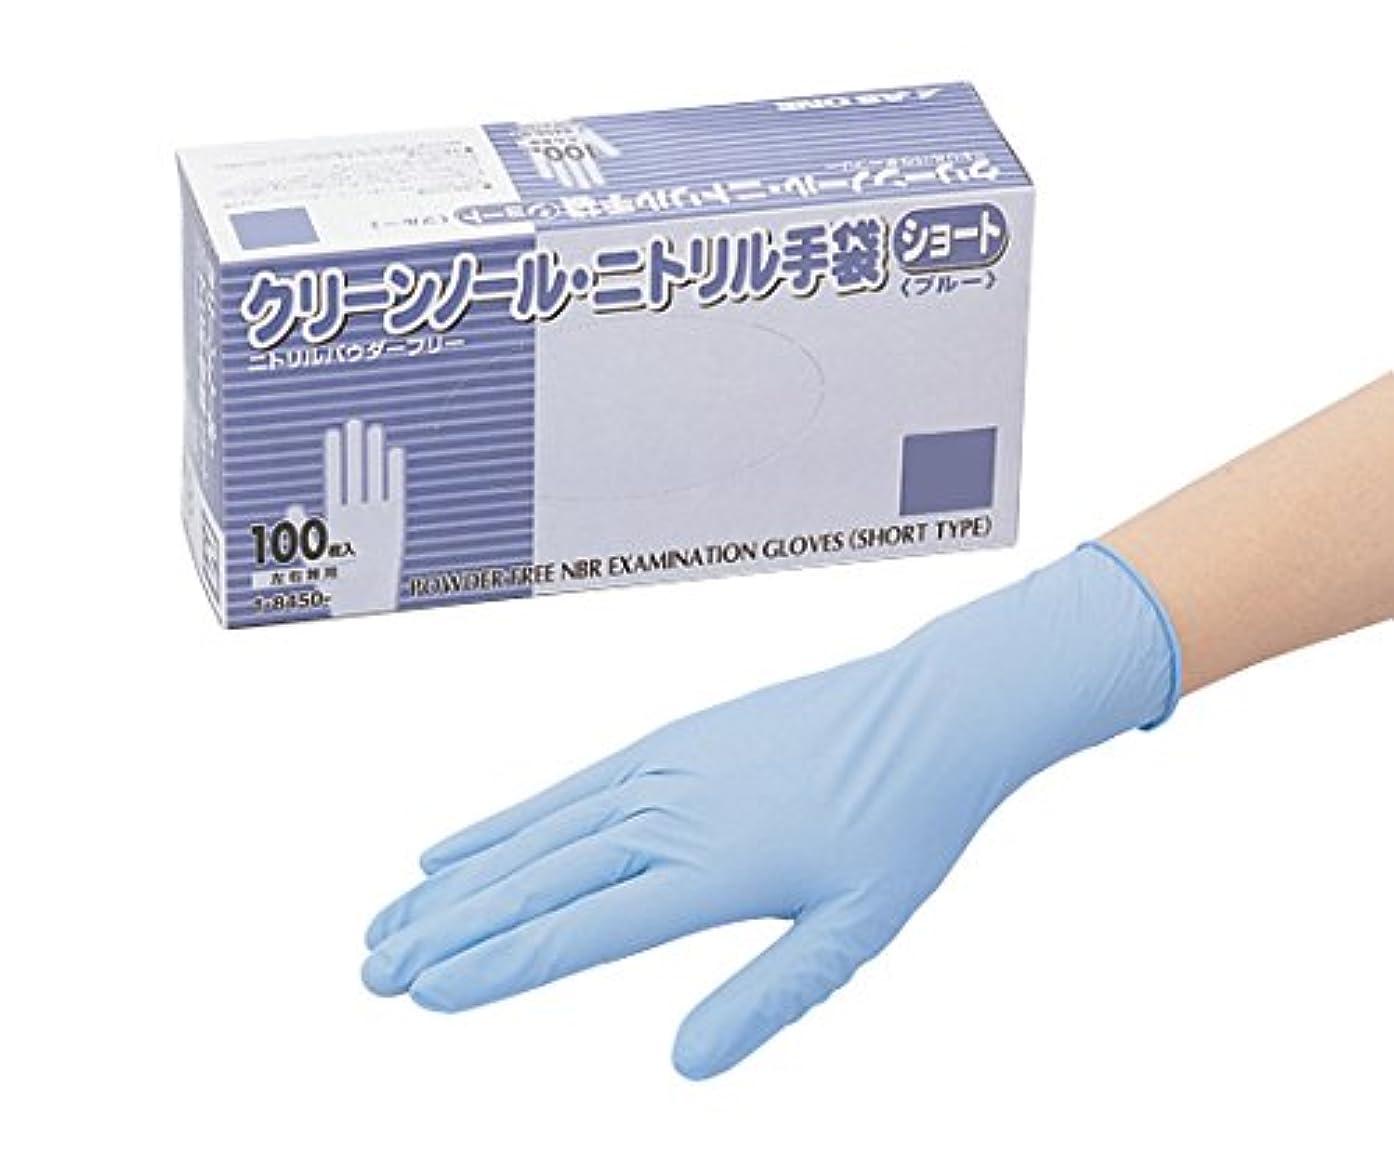 速報エゴイズム滅びるアズワン1-8450-51クリーンノールニトリル手袋ショート(パウダーフリ-)ブルーL1000枚入